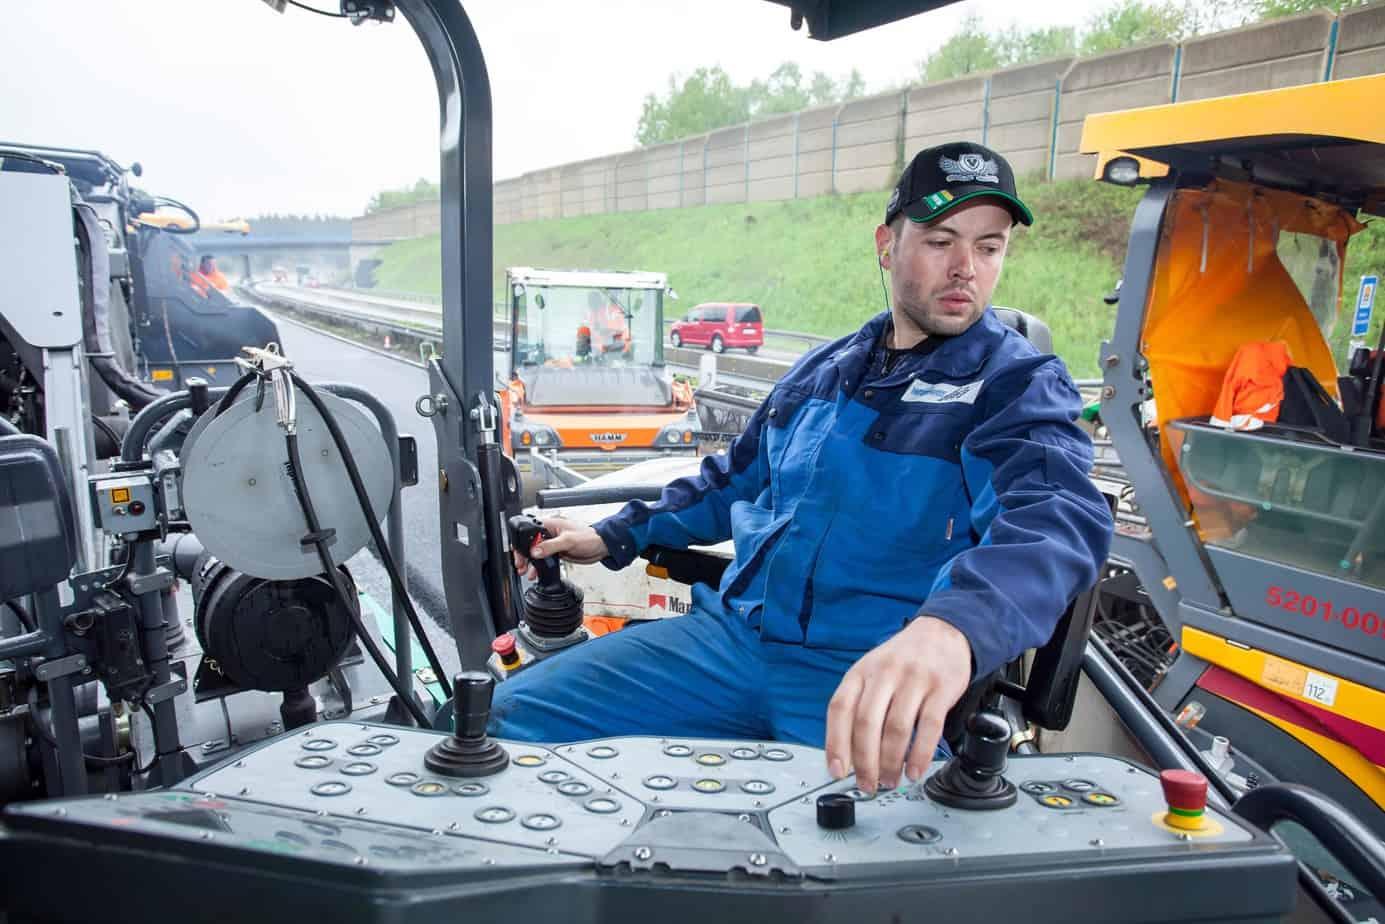 Per sollevare e abbassare il nastro brandeggiabile, l'operatore tira verso di sé o allontana il joystick. Per eseguire i movimenti di brandeggio gira il joystick in senso orario o antiorario